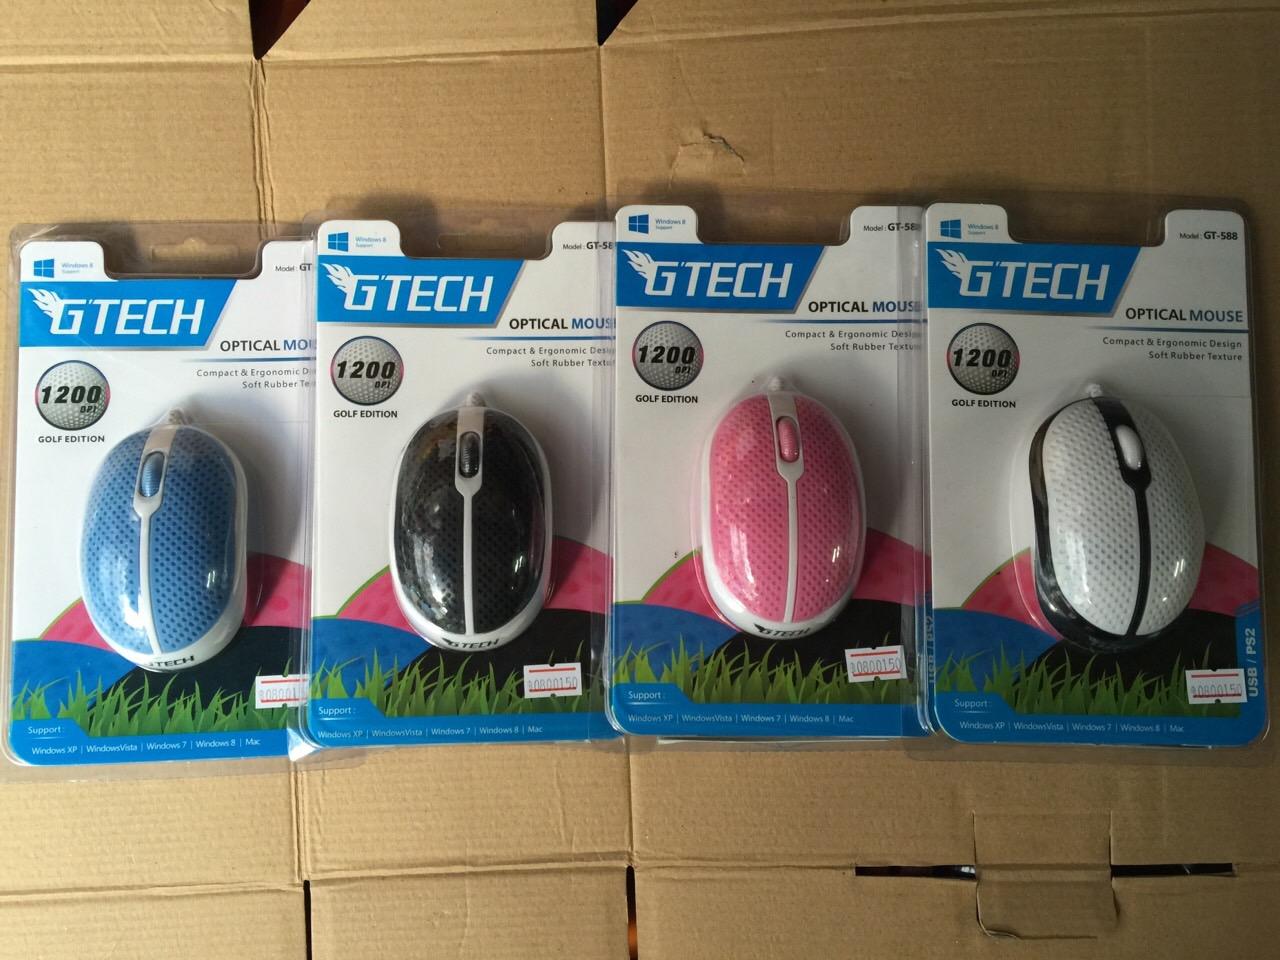 เม้าส์ mouse Gtech 588